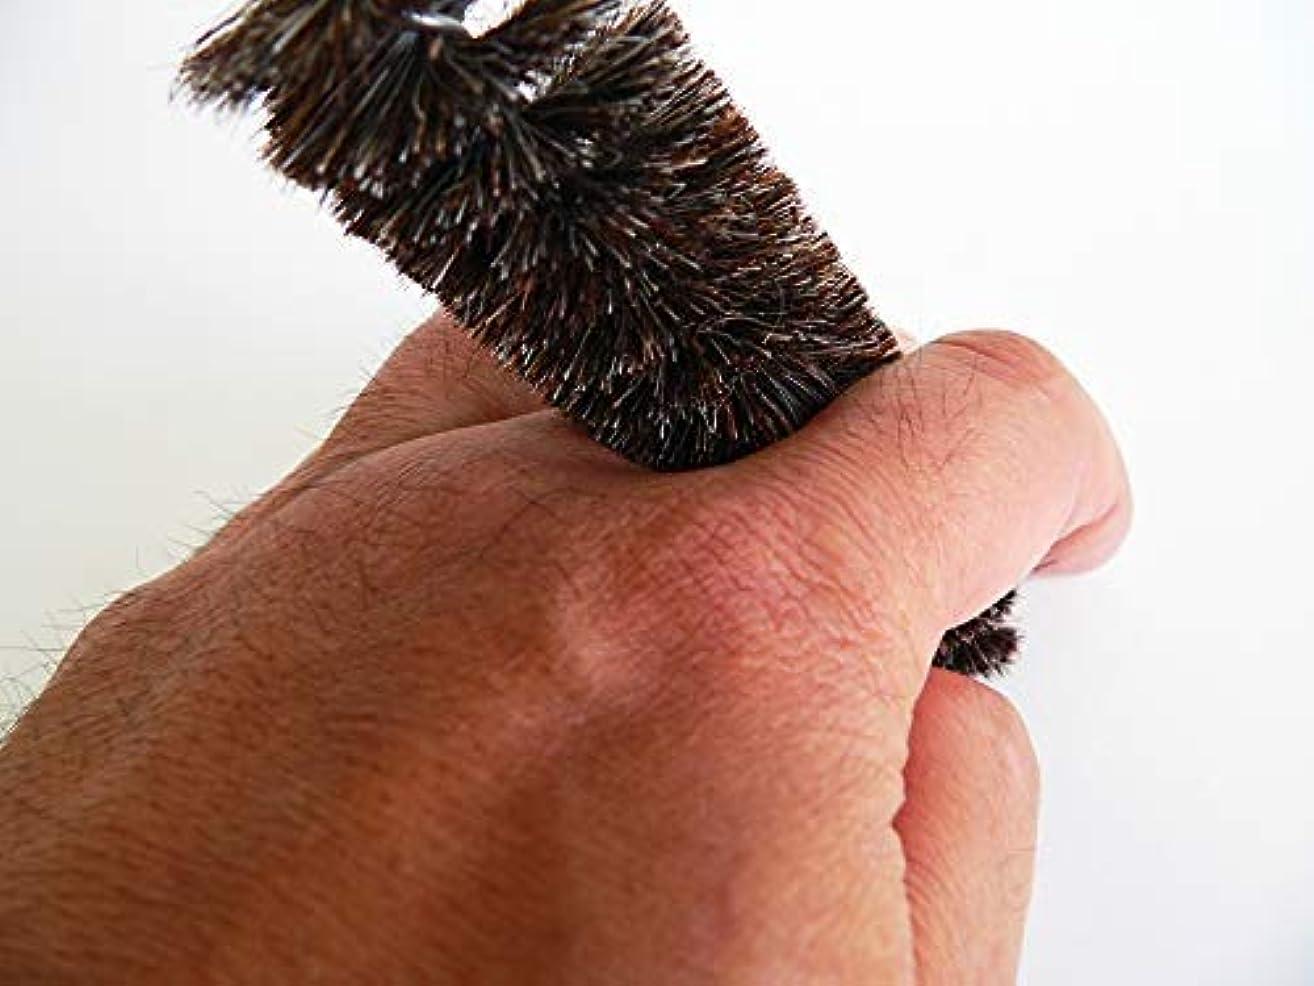 とまり木泥ズボン指の間がキレイに洗える、指間専用ブラシ 黒馬毛?ソフト 4本セット 通称フィンガーブラシ ※水虫防止、介護などに 浅草まーぶる 老舗ブラシ専門店